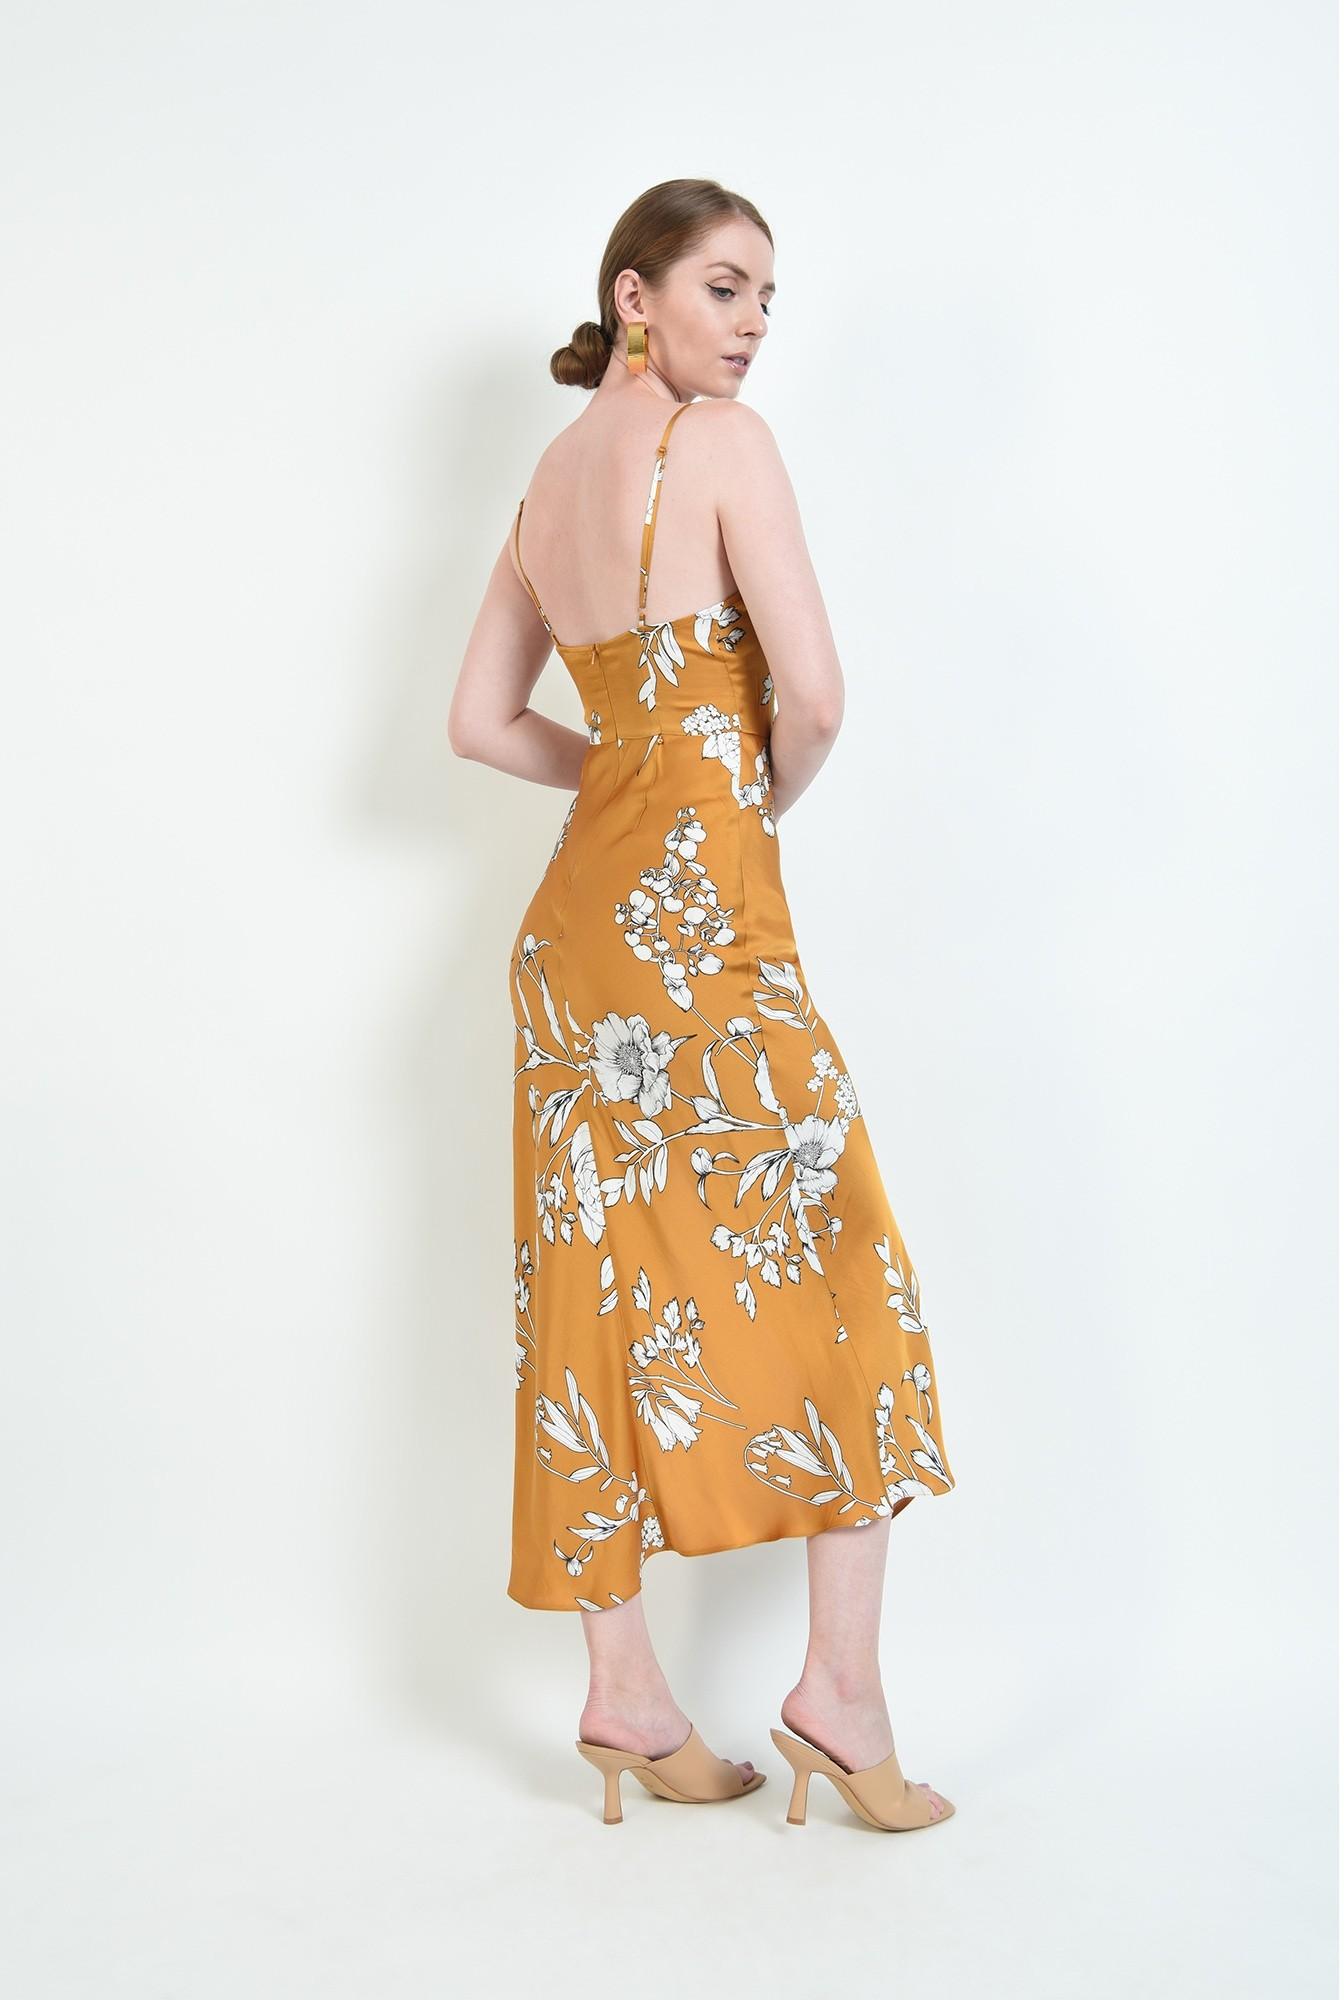 2 - rochie mustar, cu motive florale, cu bretele subtiri